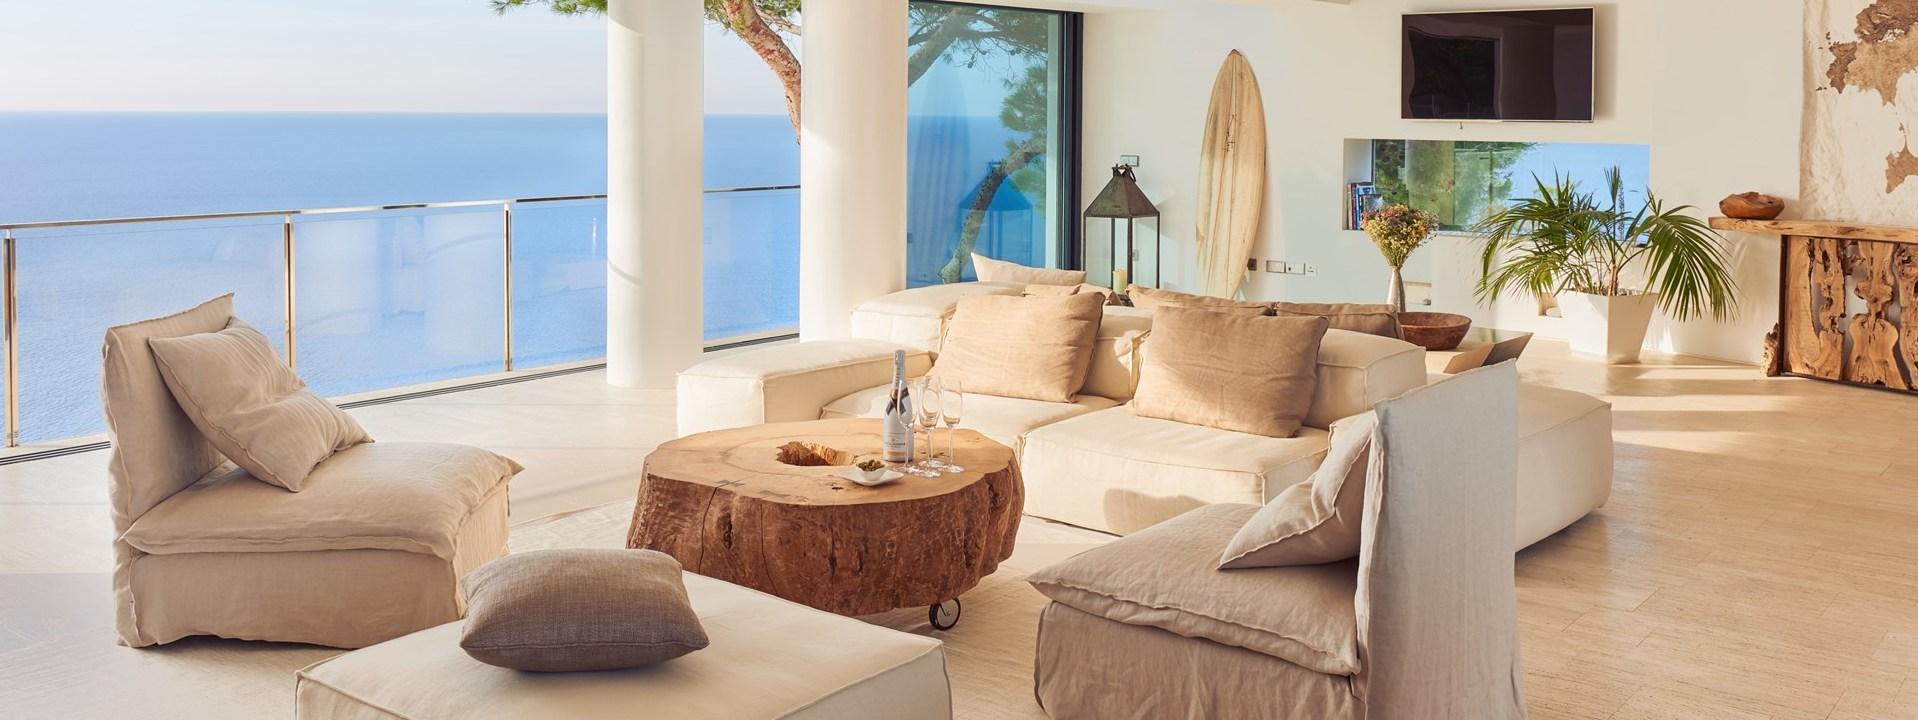 villa-can-castello-ibiza-lounge